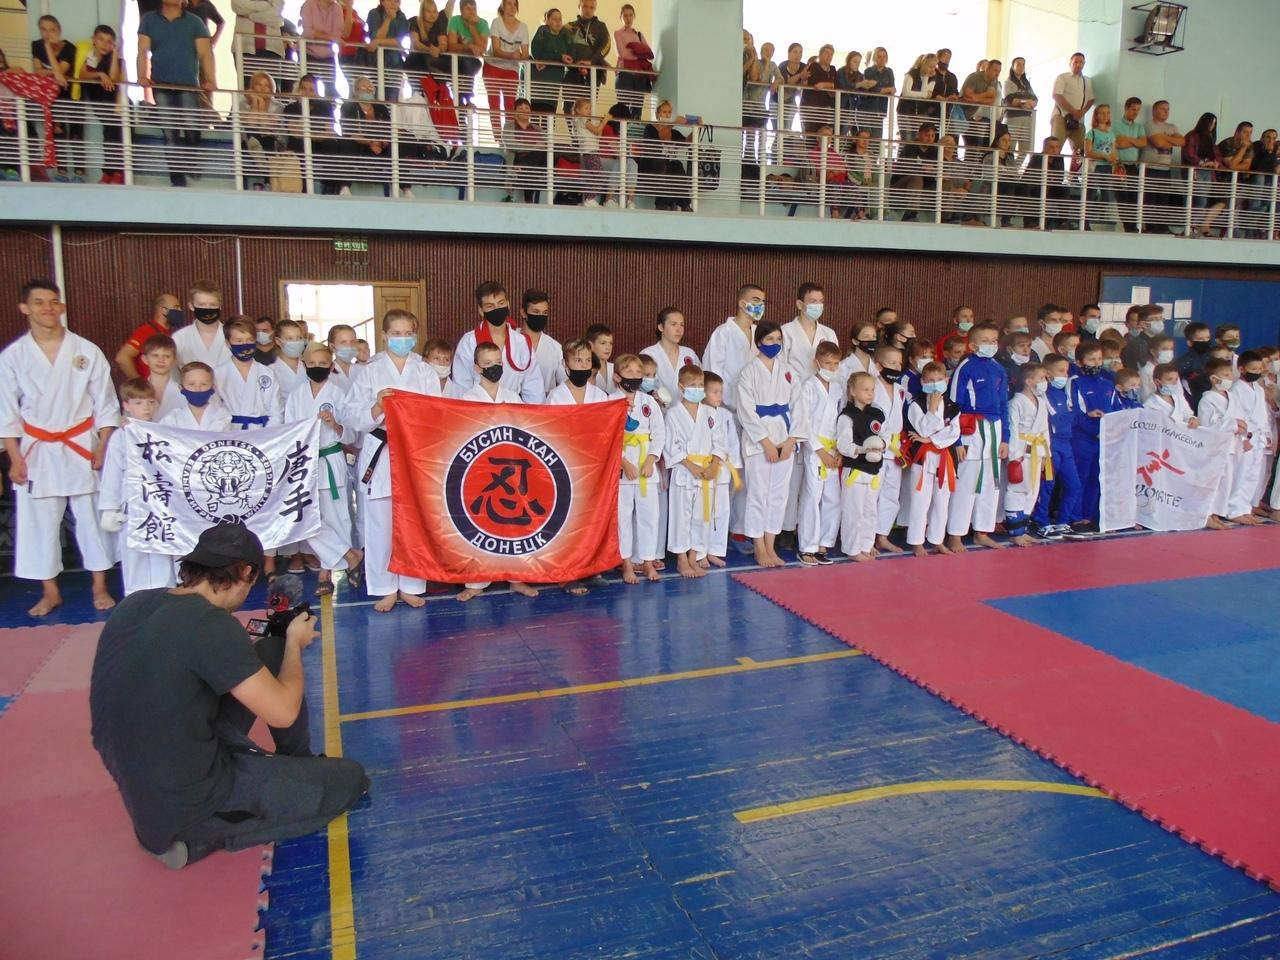 В СК «Кировец» прошли соревнования по каратэ JKS